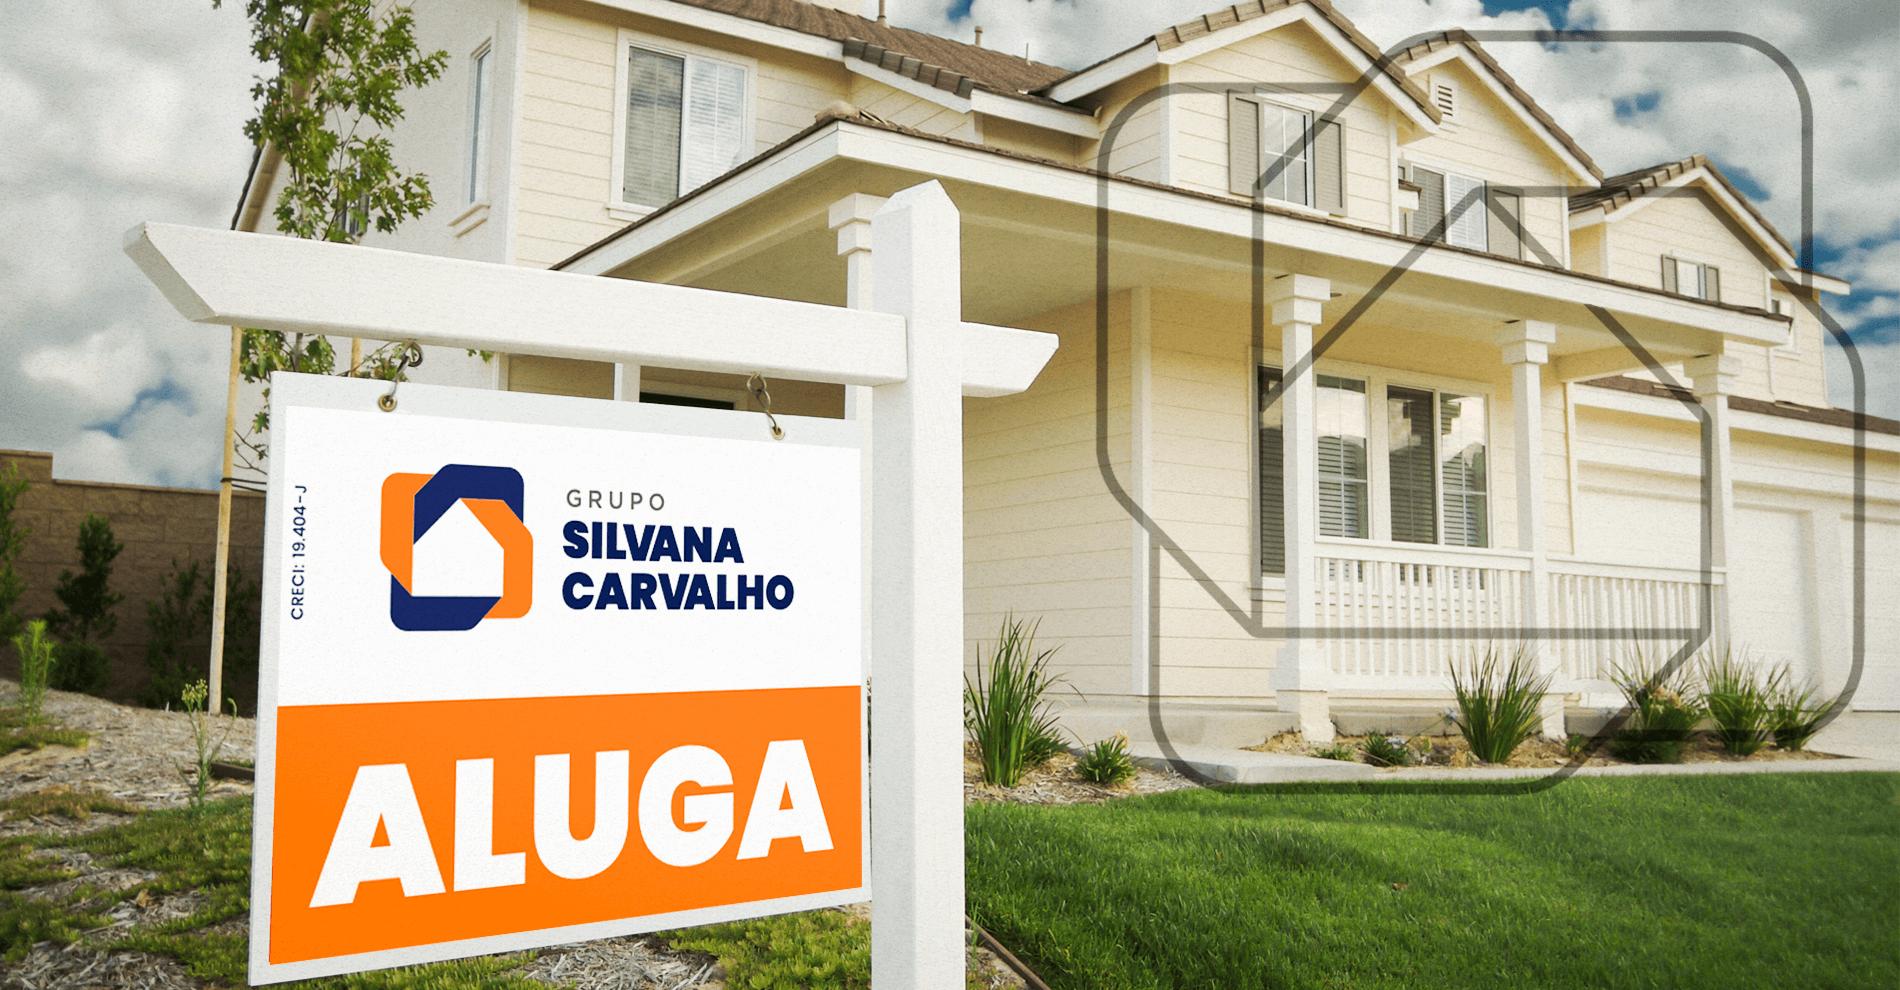 Colocar imóvel para alugar na imobiliária: quais as vantagens?